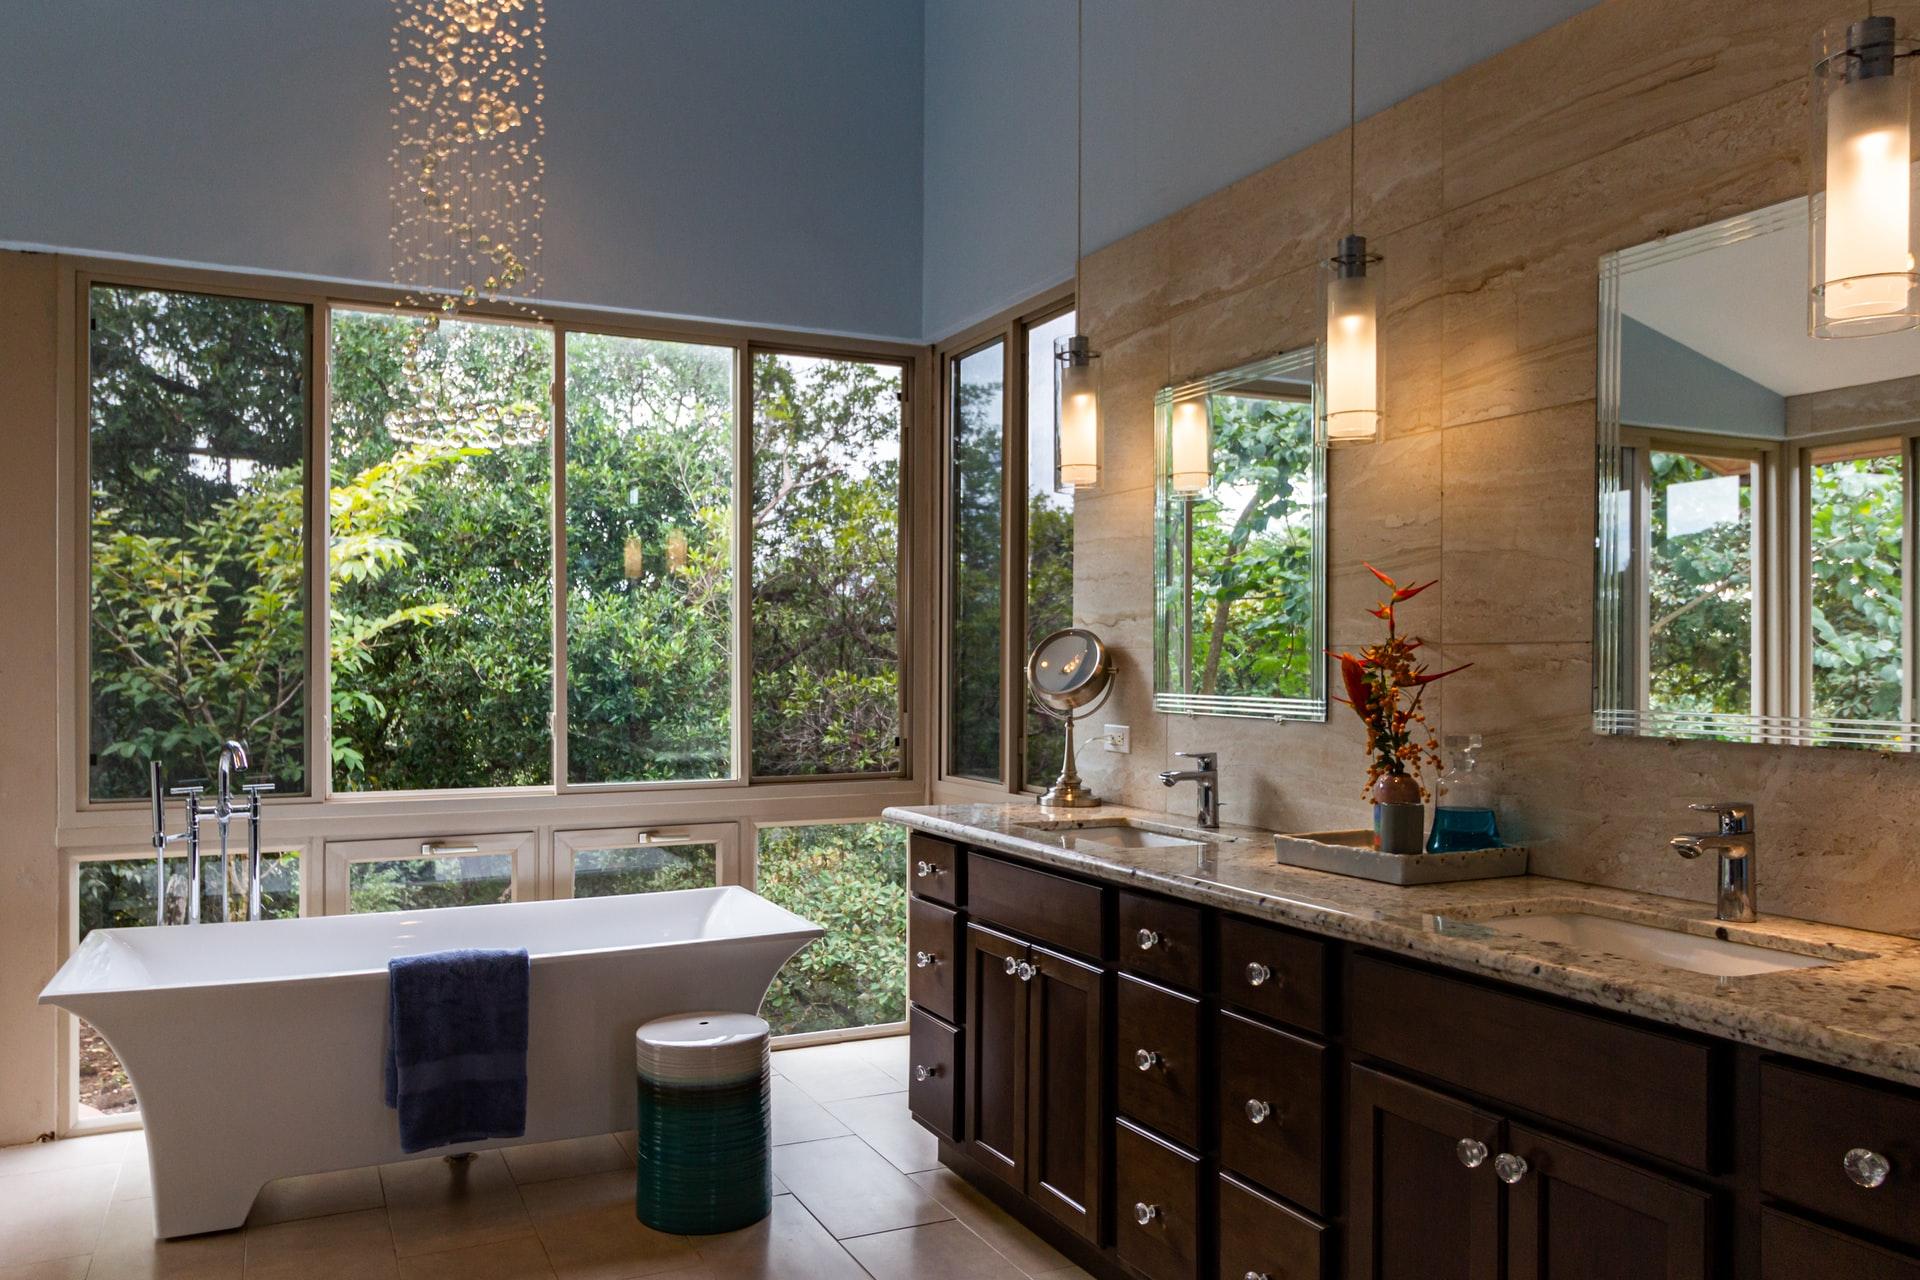 Casa de banho rústica